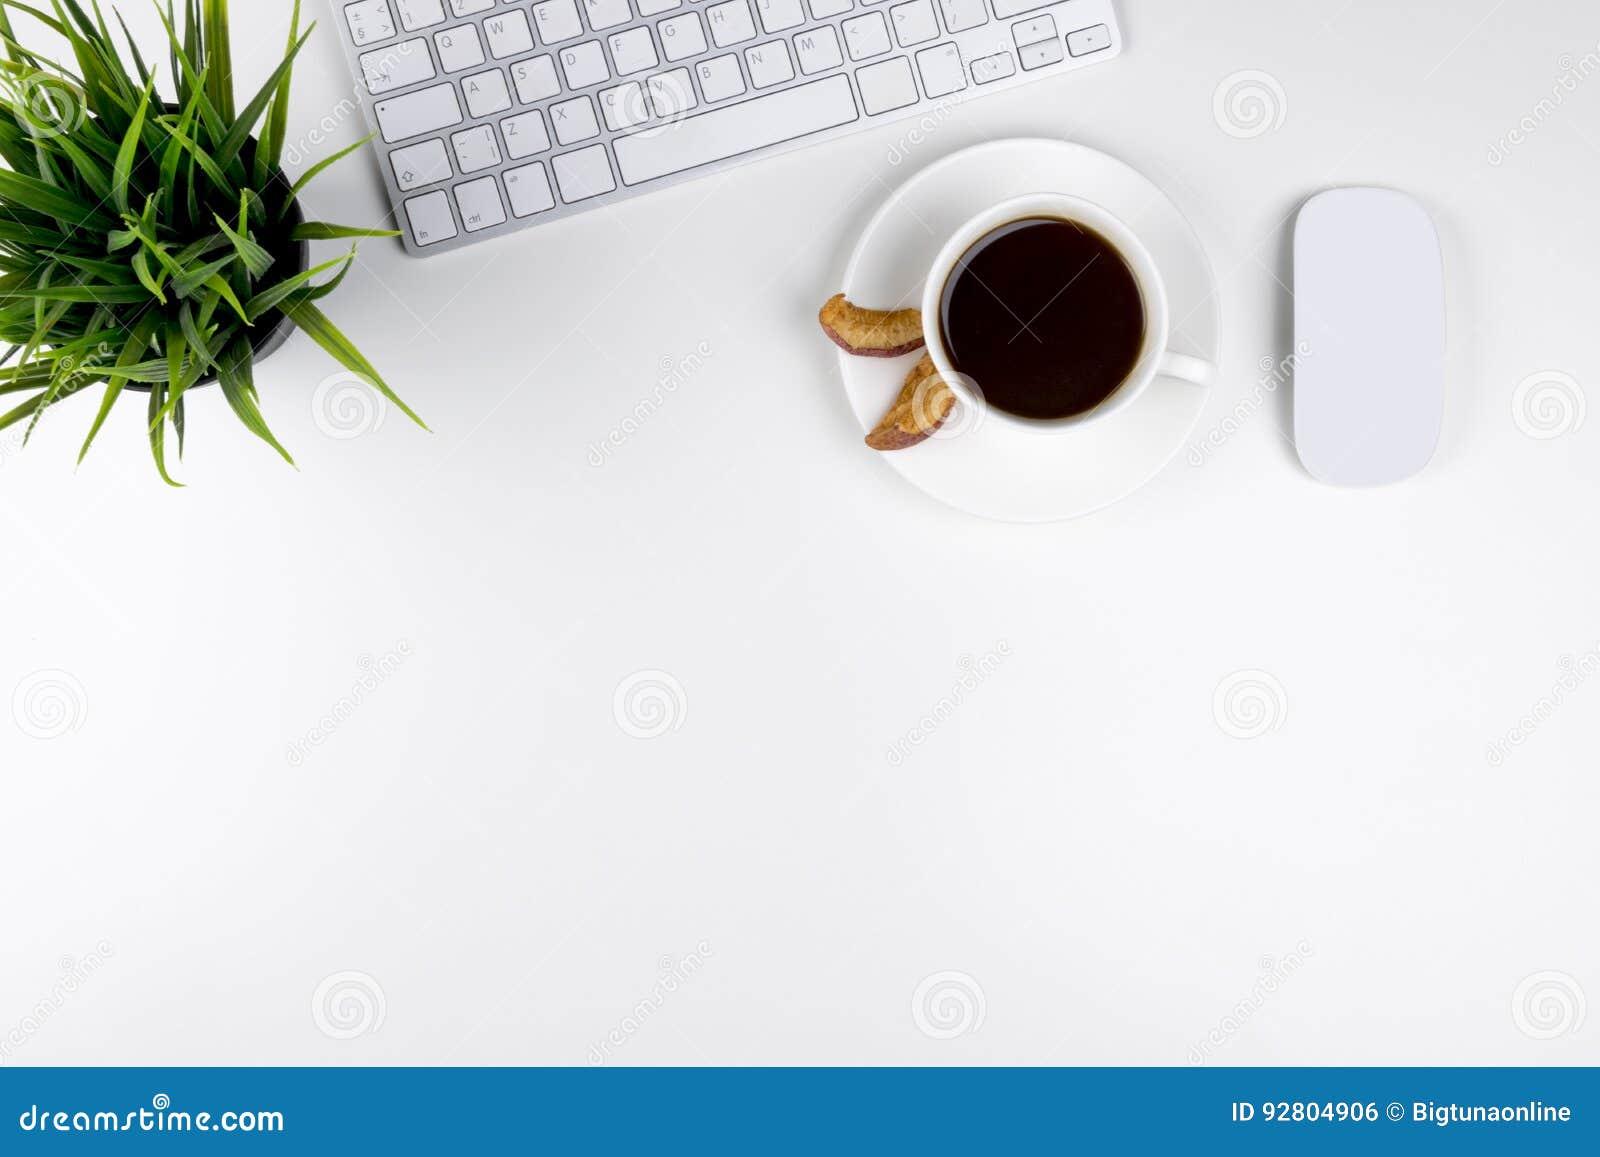 Kontorsskrivbord med kopieringsutrymme Digital apparater trådlöst tangentbord och mus på kontorstabellen med koppen kaffe, bästa